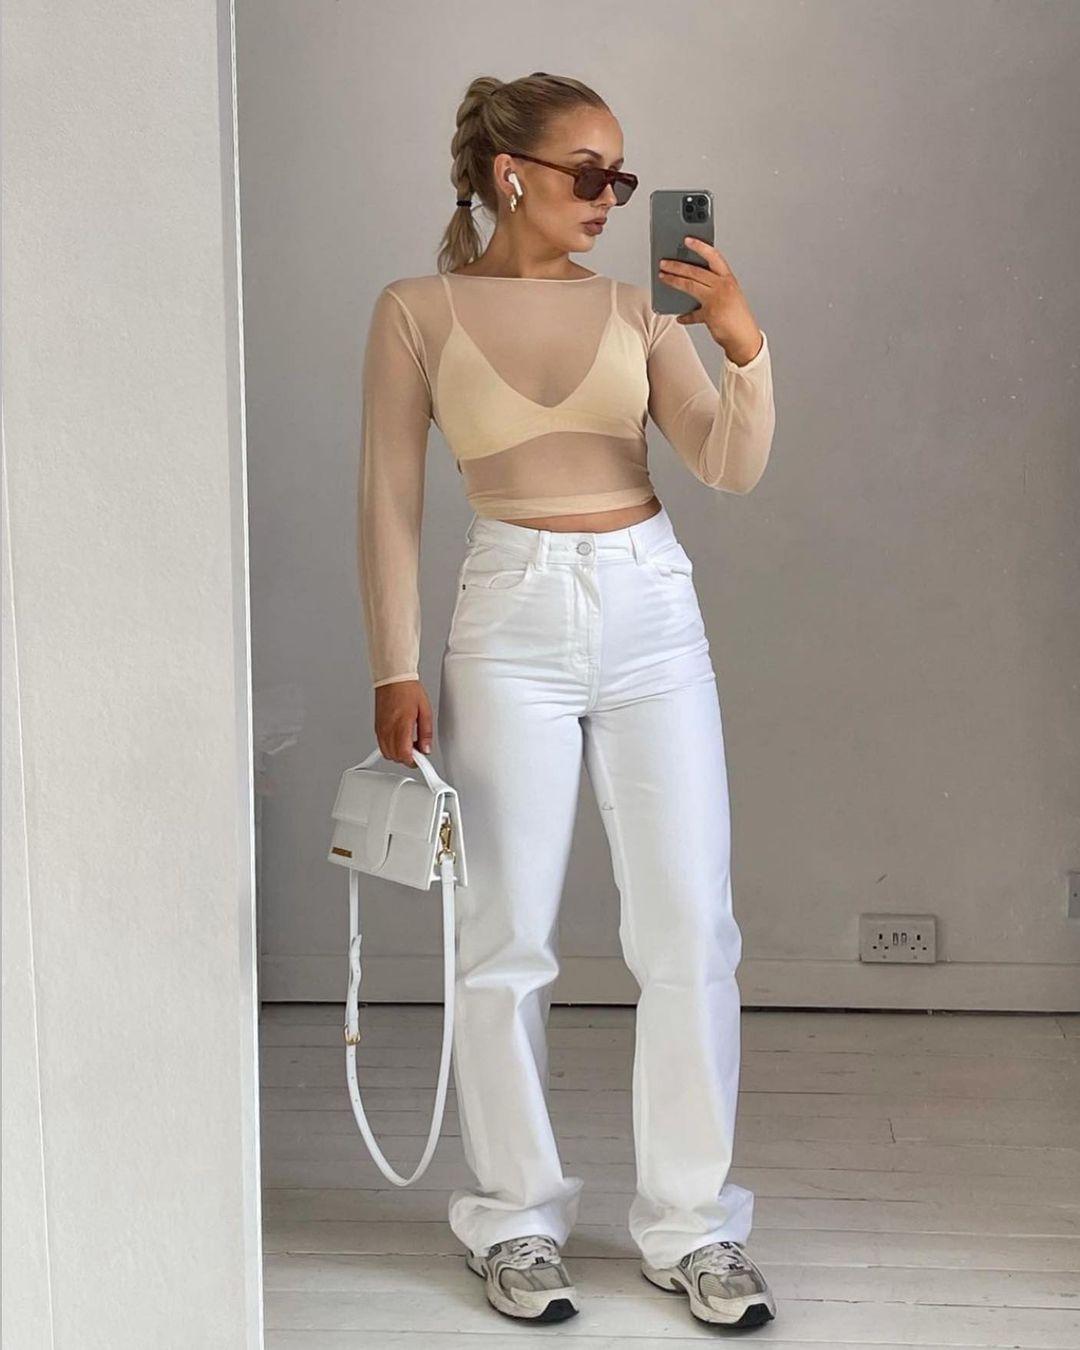 zw premium wide jeans de Zara sur zara.style.daily